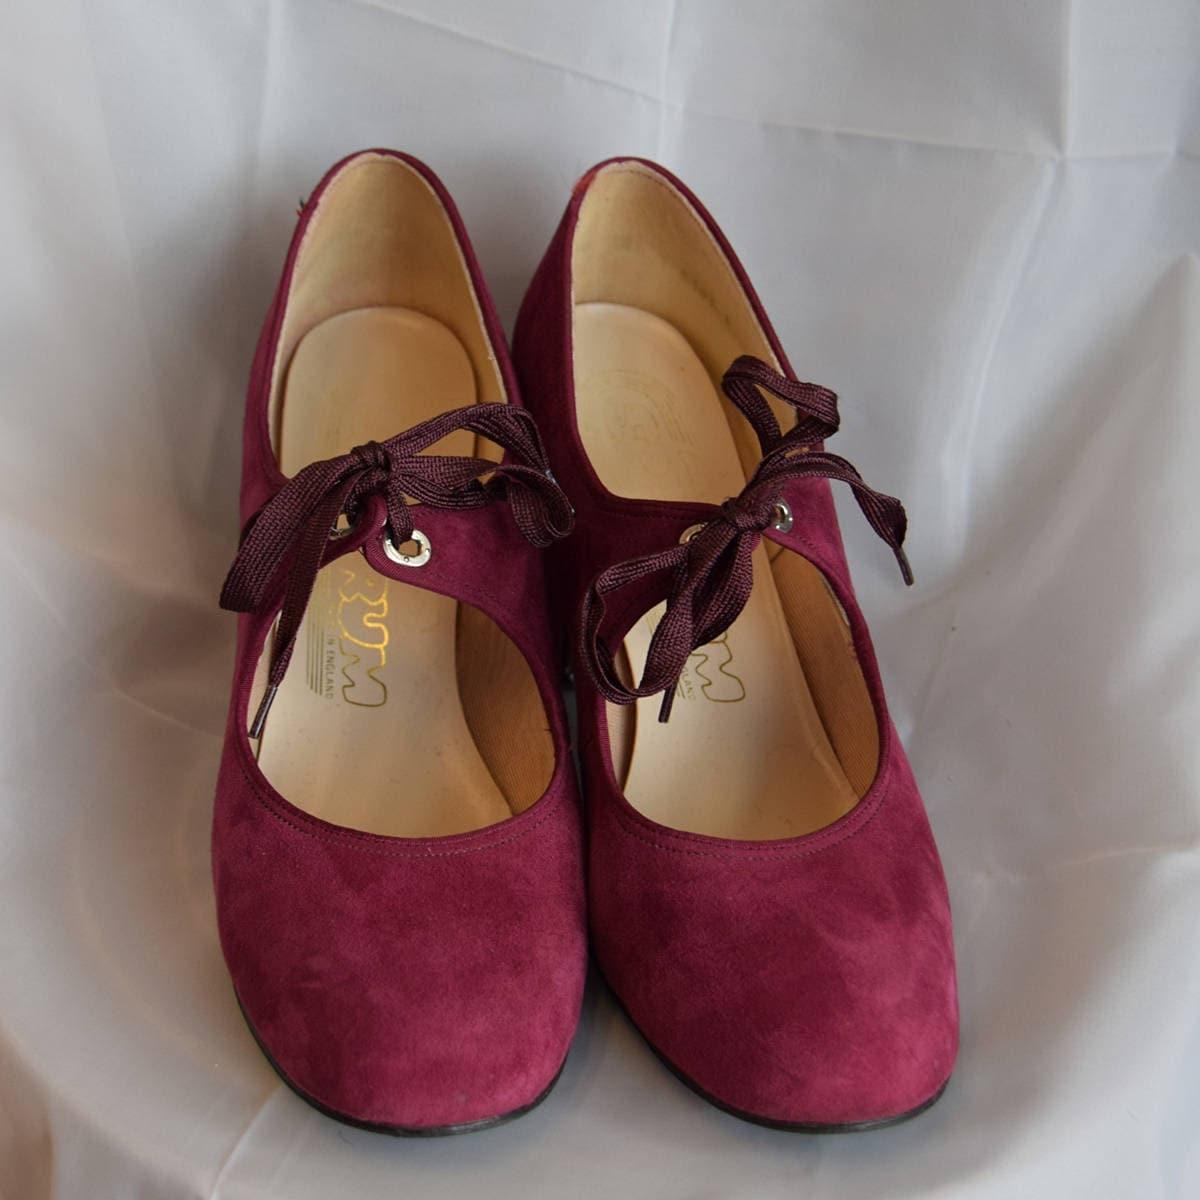 1970 ' s chaussures en daim violet UK taille environ UK violet 4,5 392561